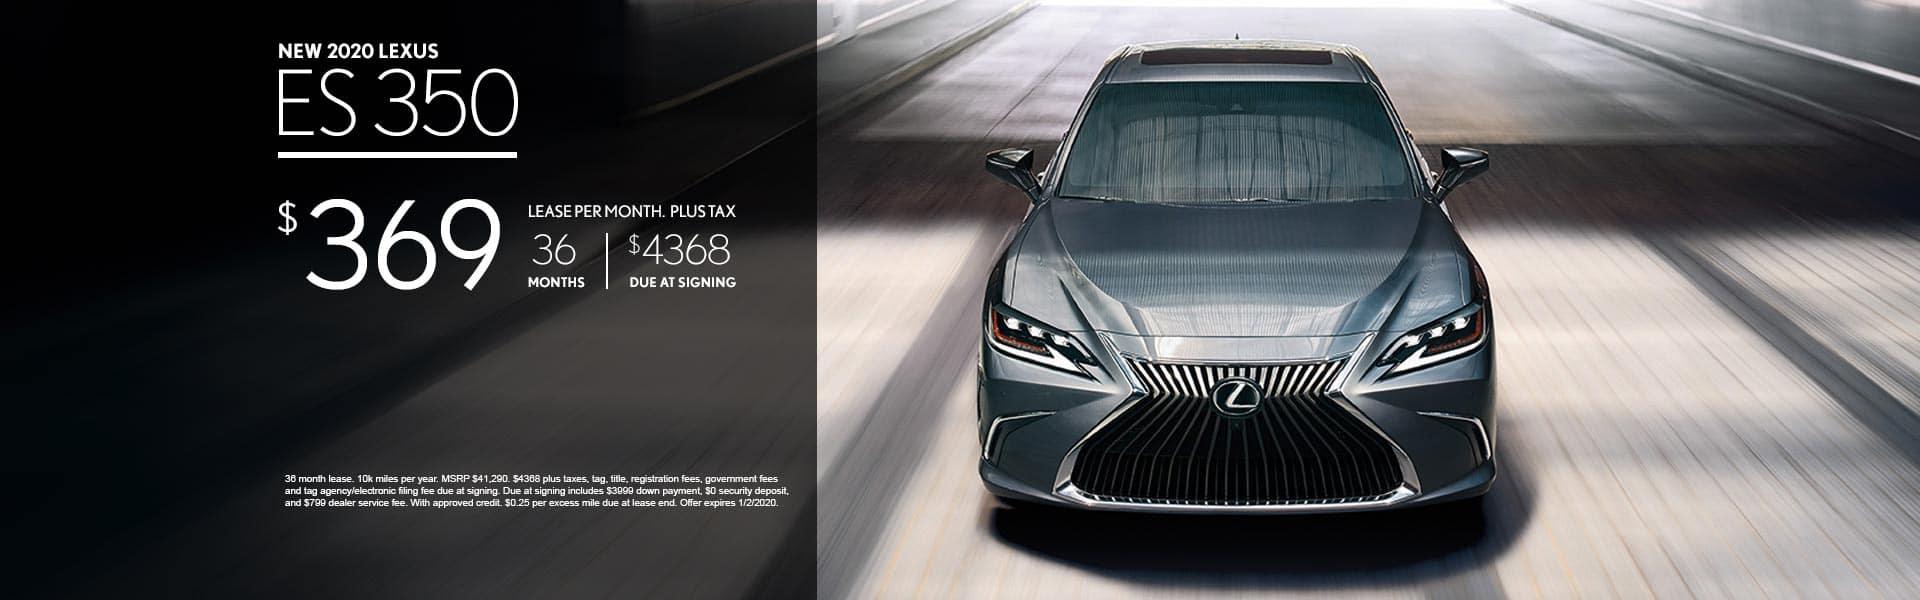 2020_Lexus_ES_350-(1920x600)